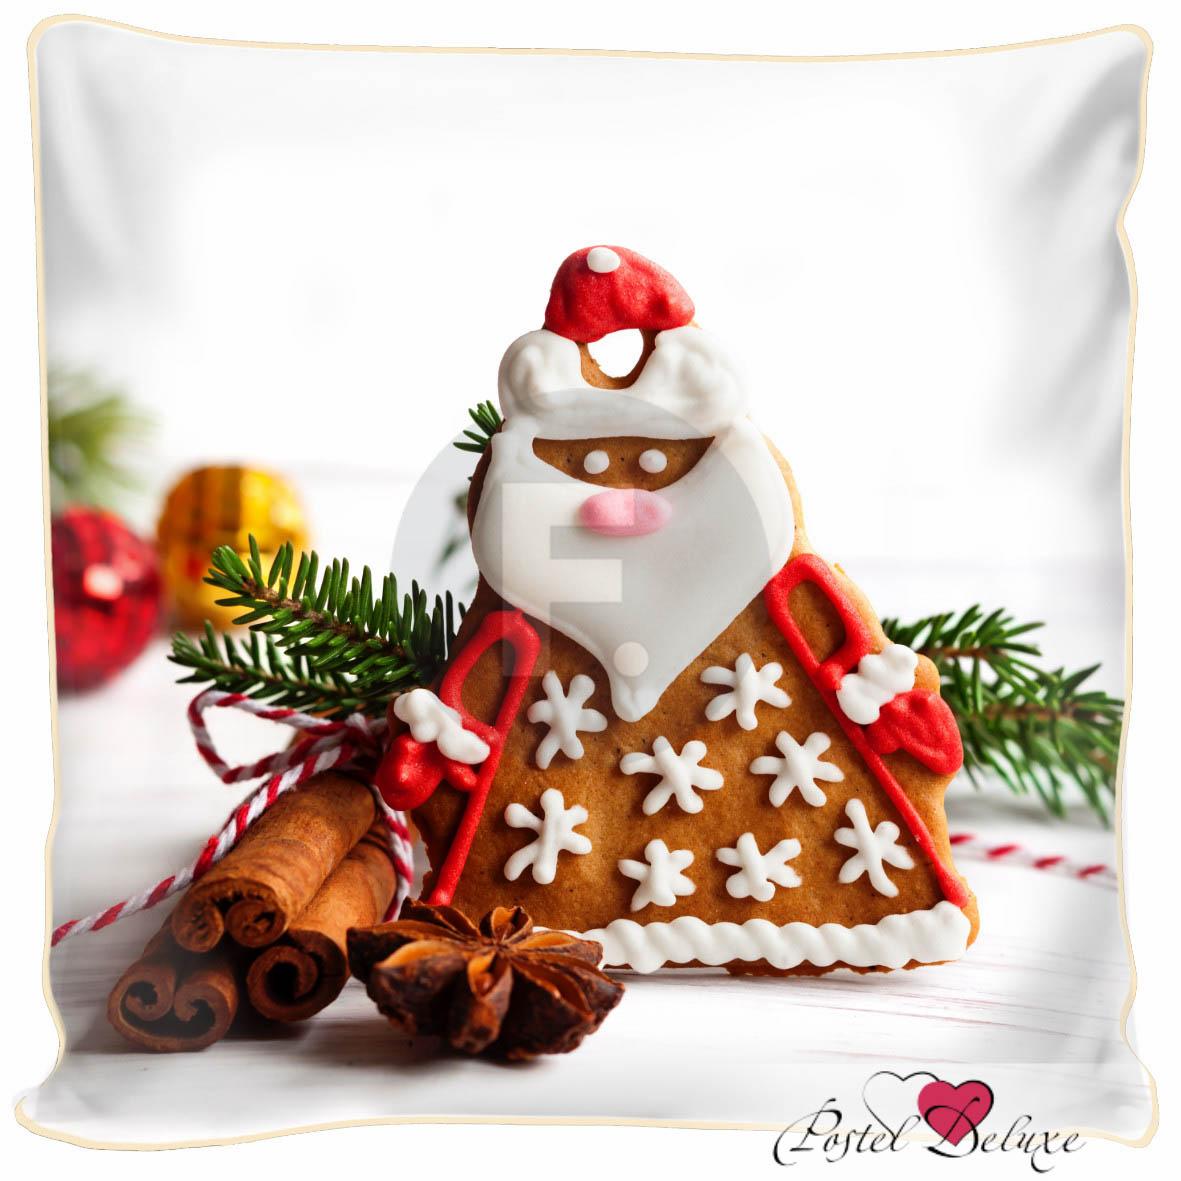 Декоративные подушки Fototende Декоративная подушка Печенье Дед Мороз (45х45) fototende fototende декоративная подушка остров романтики 45х45